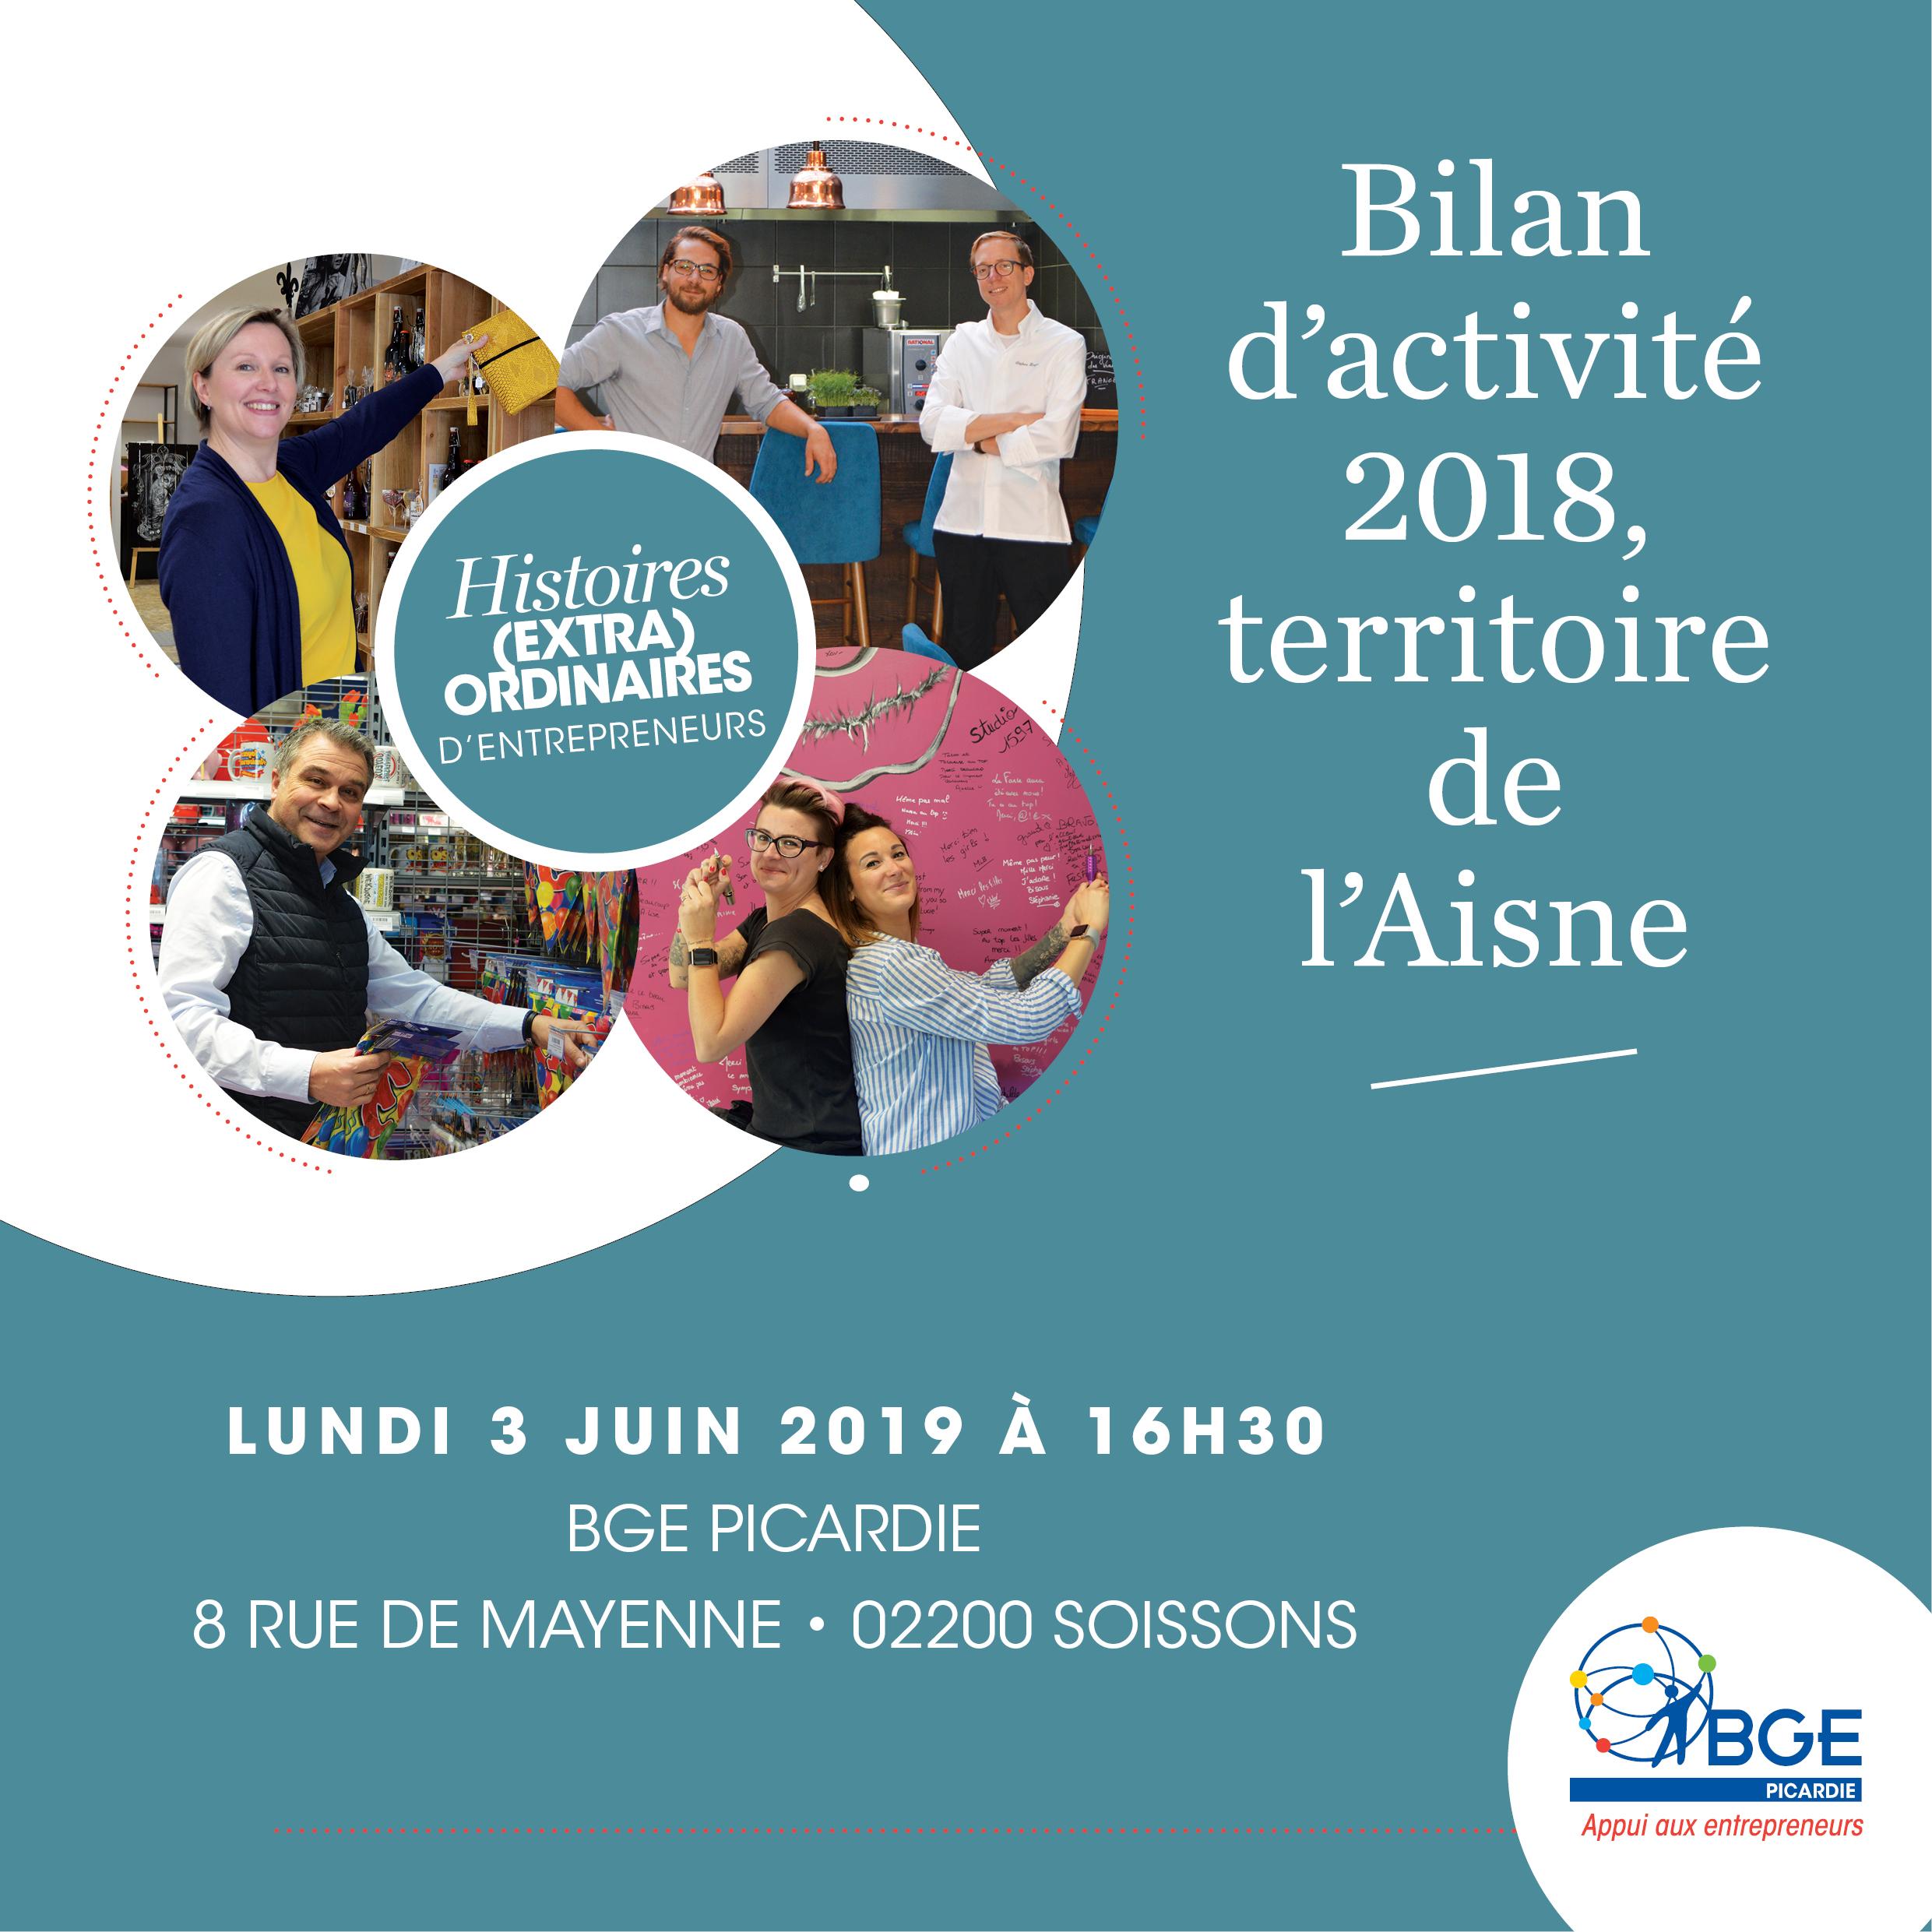 Invitation_3_juin AISNE_BGE_Picardie